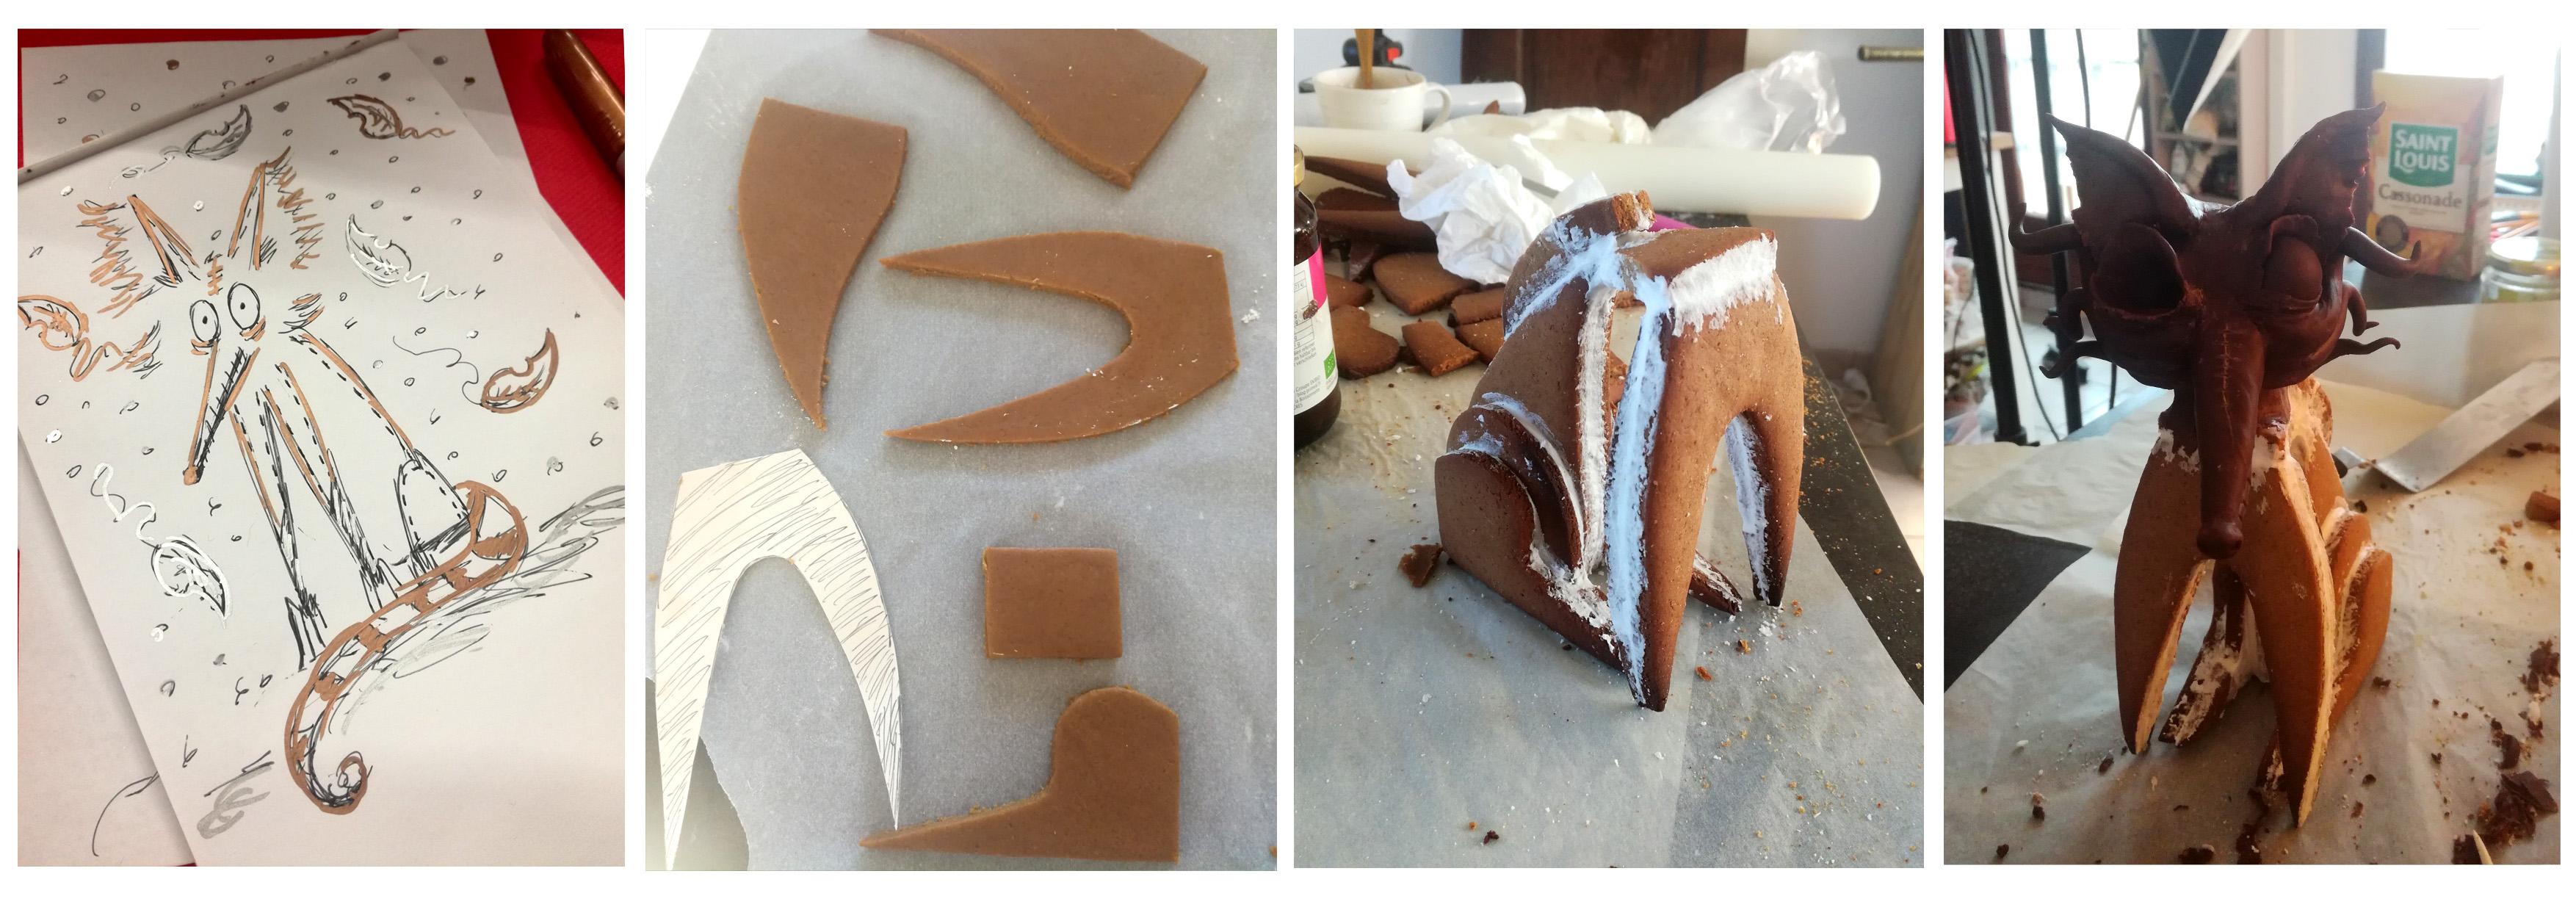 Montage le renard destroy - Studio de creation - Qui a vole les tartes